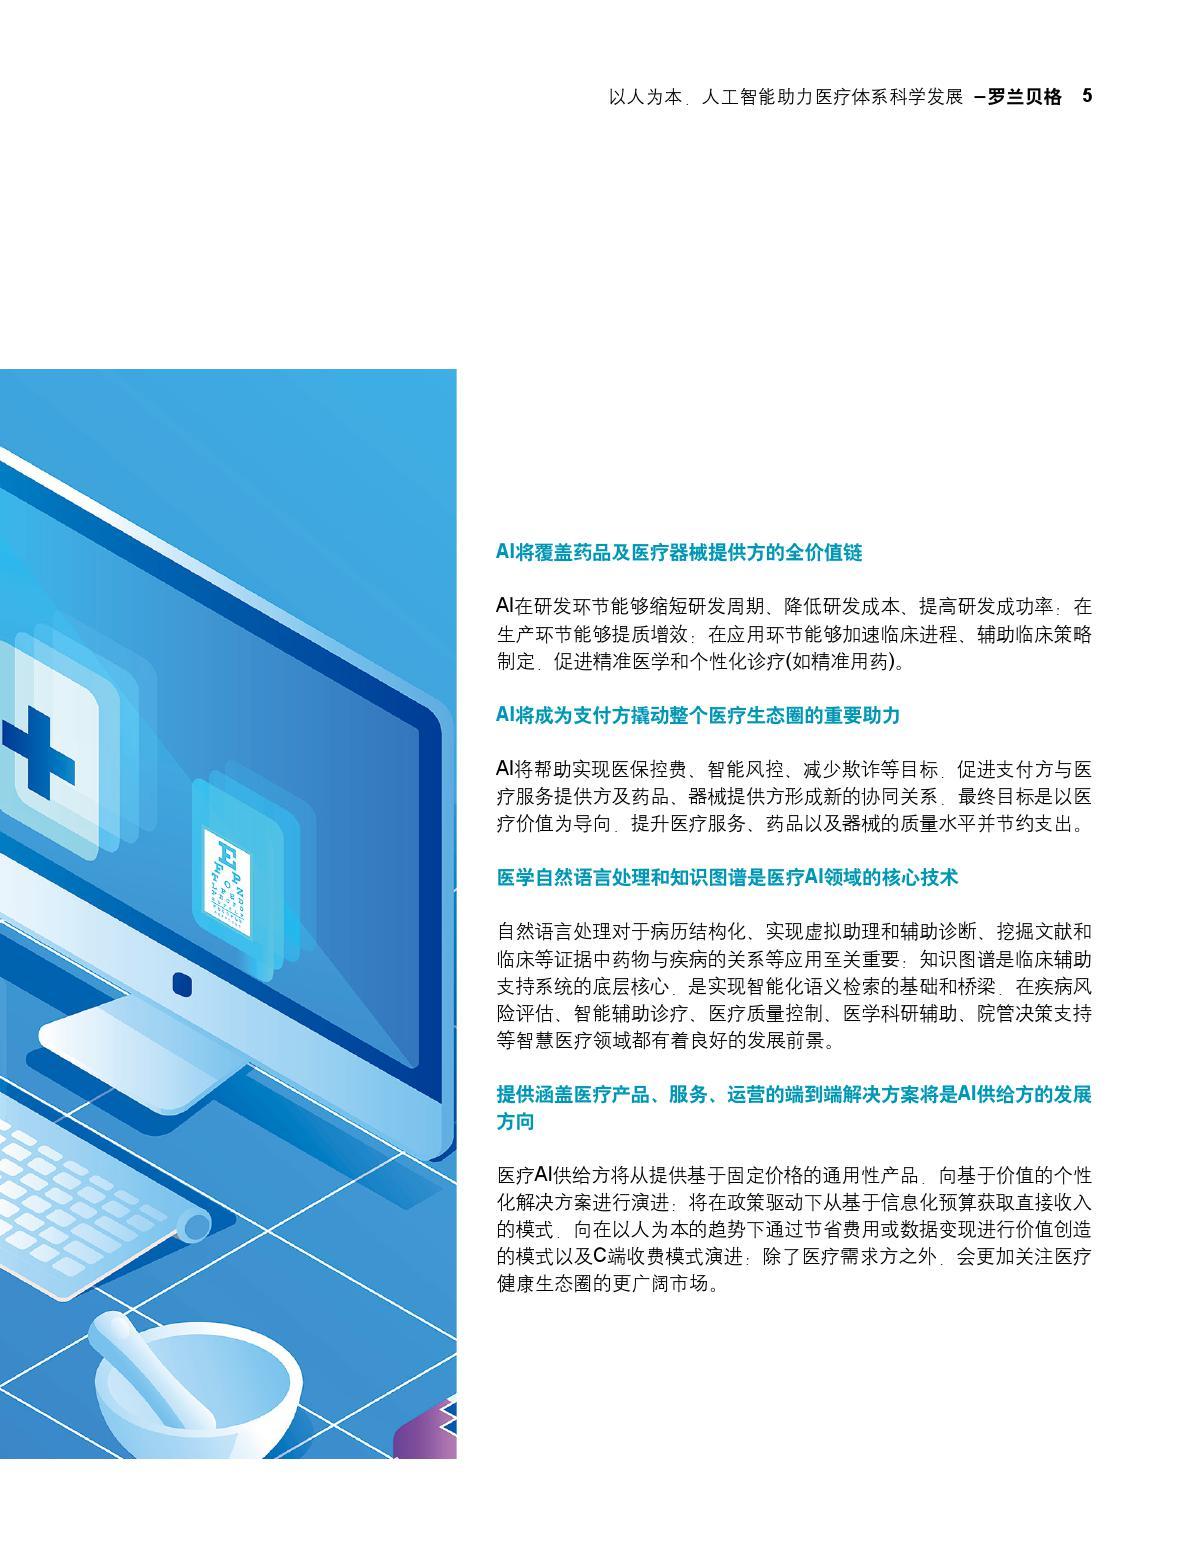 罗兰贝格&百度:人工智能助力医疗体系科学发展报告(附下载)插图(4)